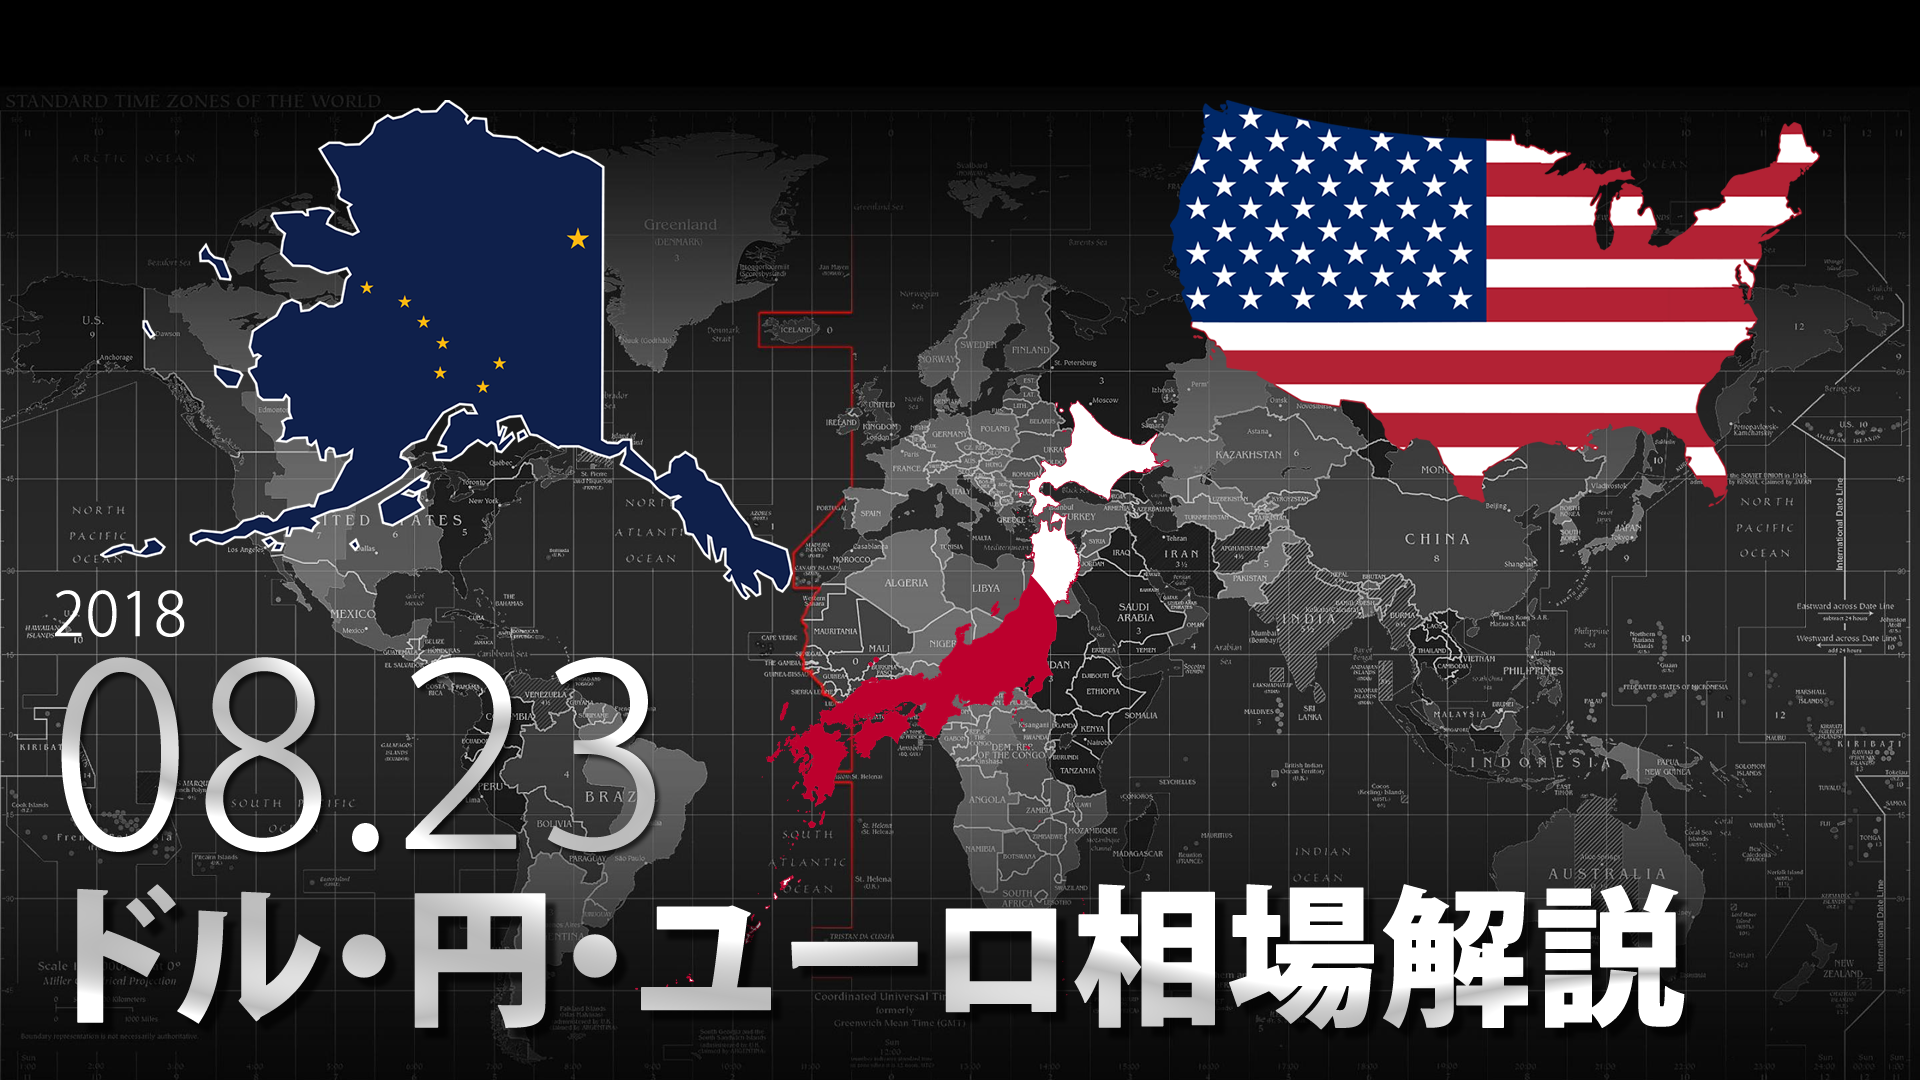 米中双方が追加関税、本日はパウエル議長講演